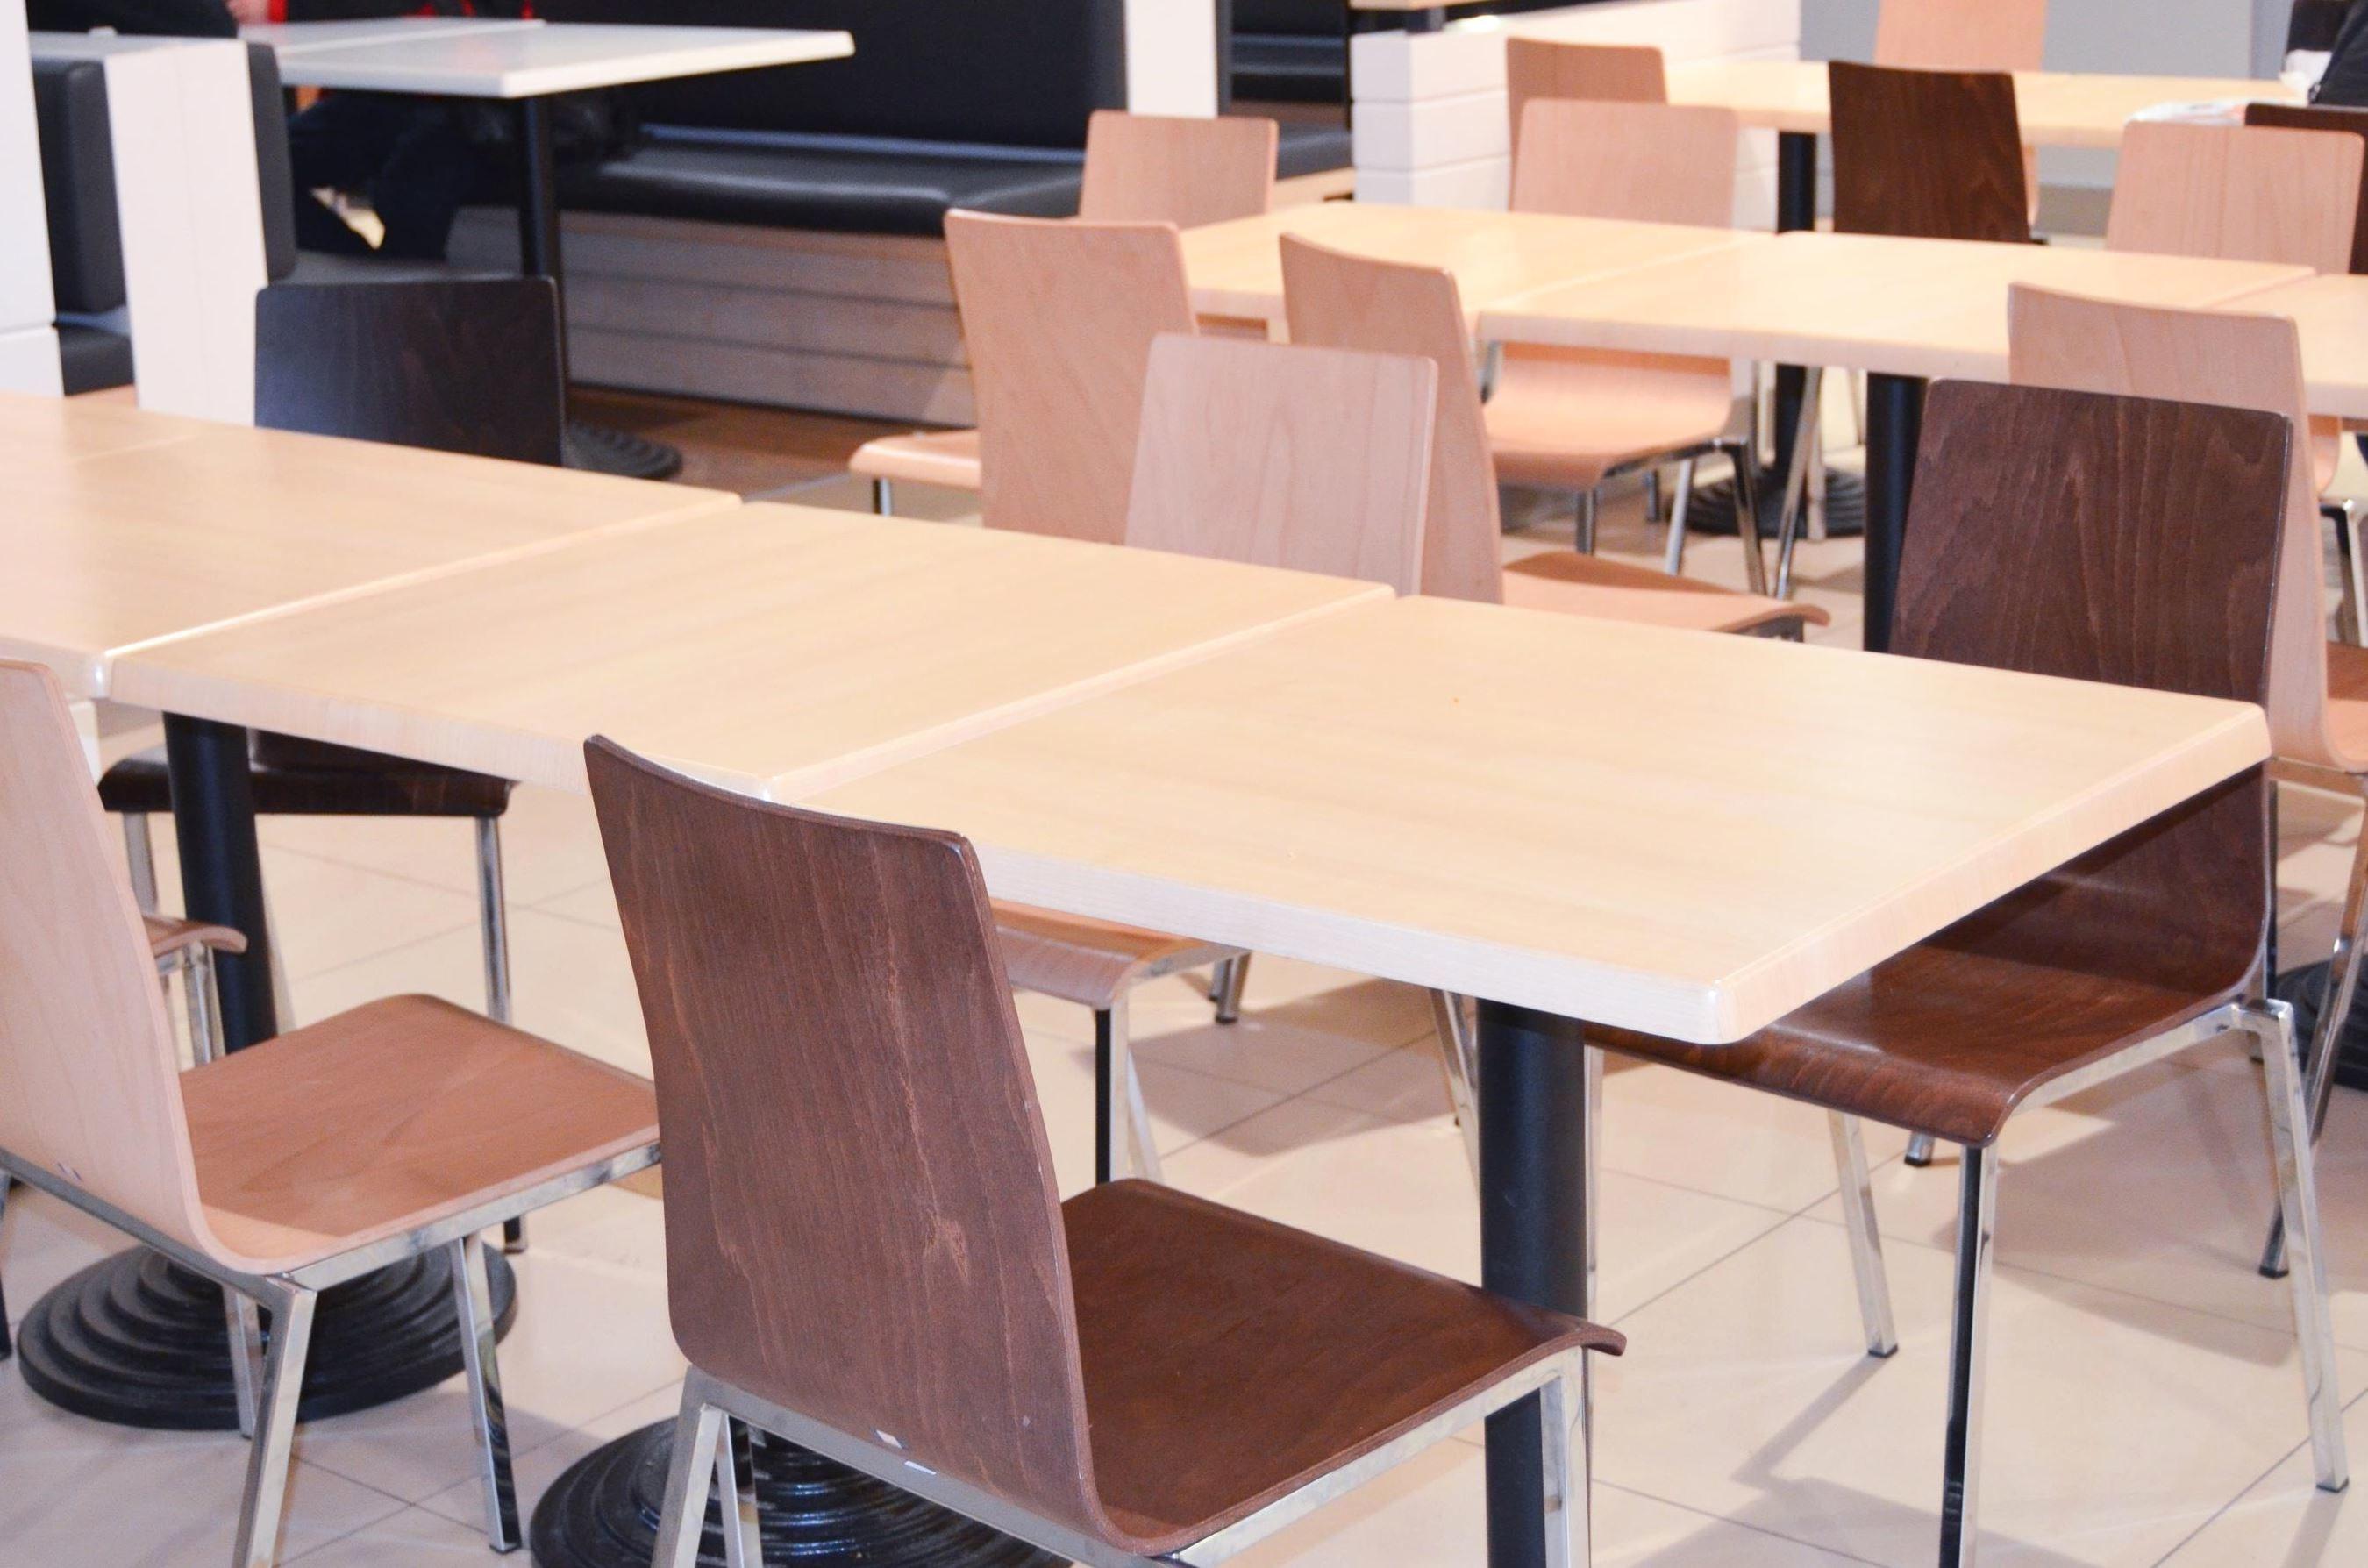 Image libre table meuble pièce intérieur moderne chaise